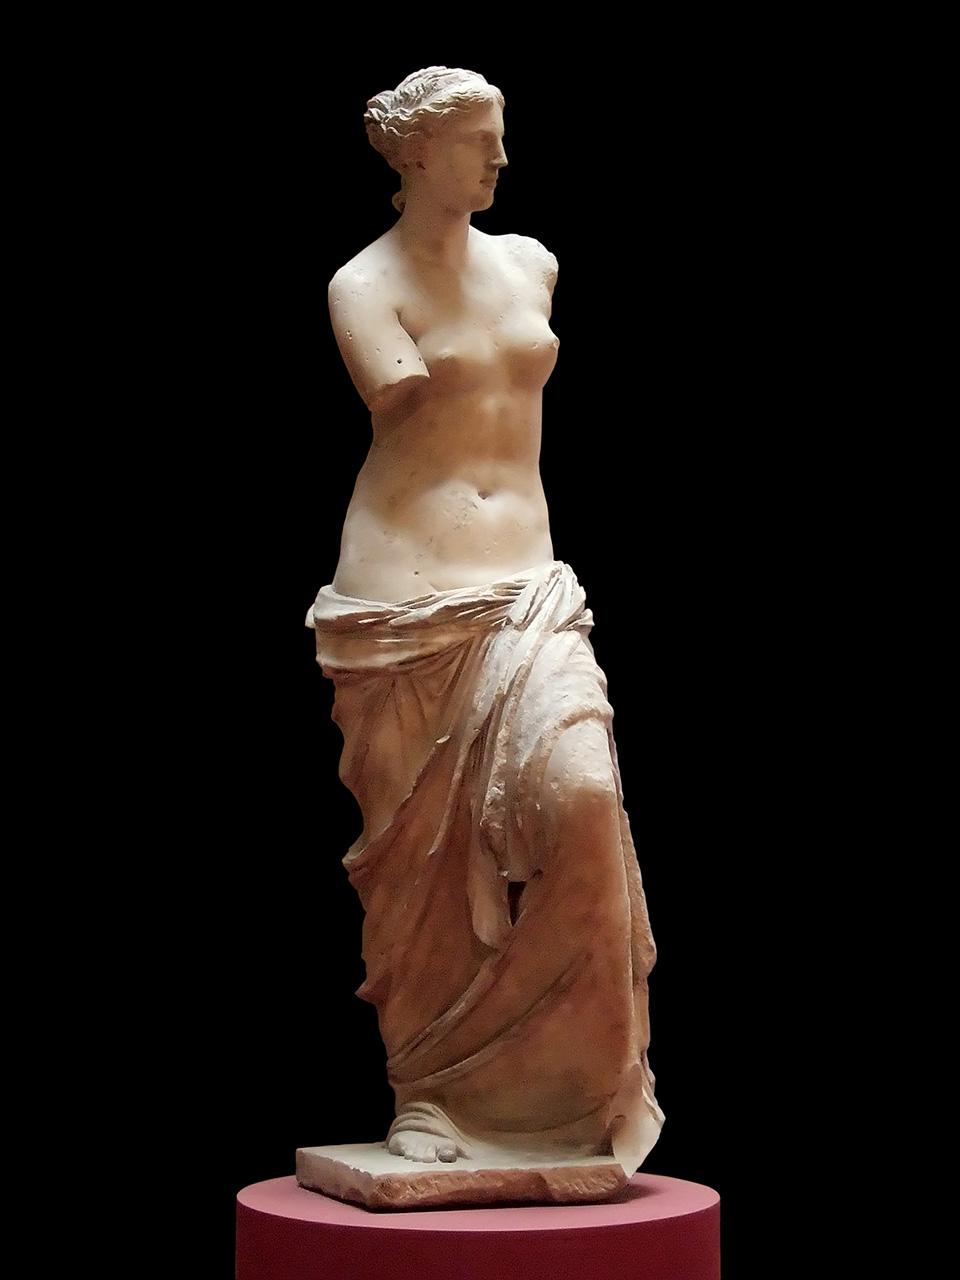 Venus de Milo, Louvre, phantom limb, Aphrodite of Milos